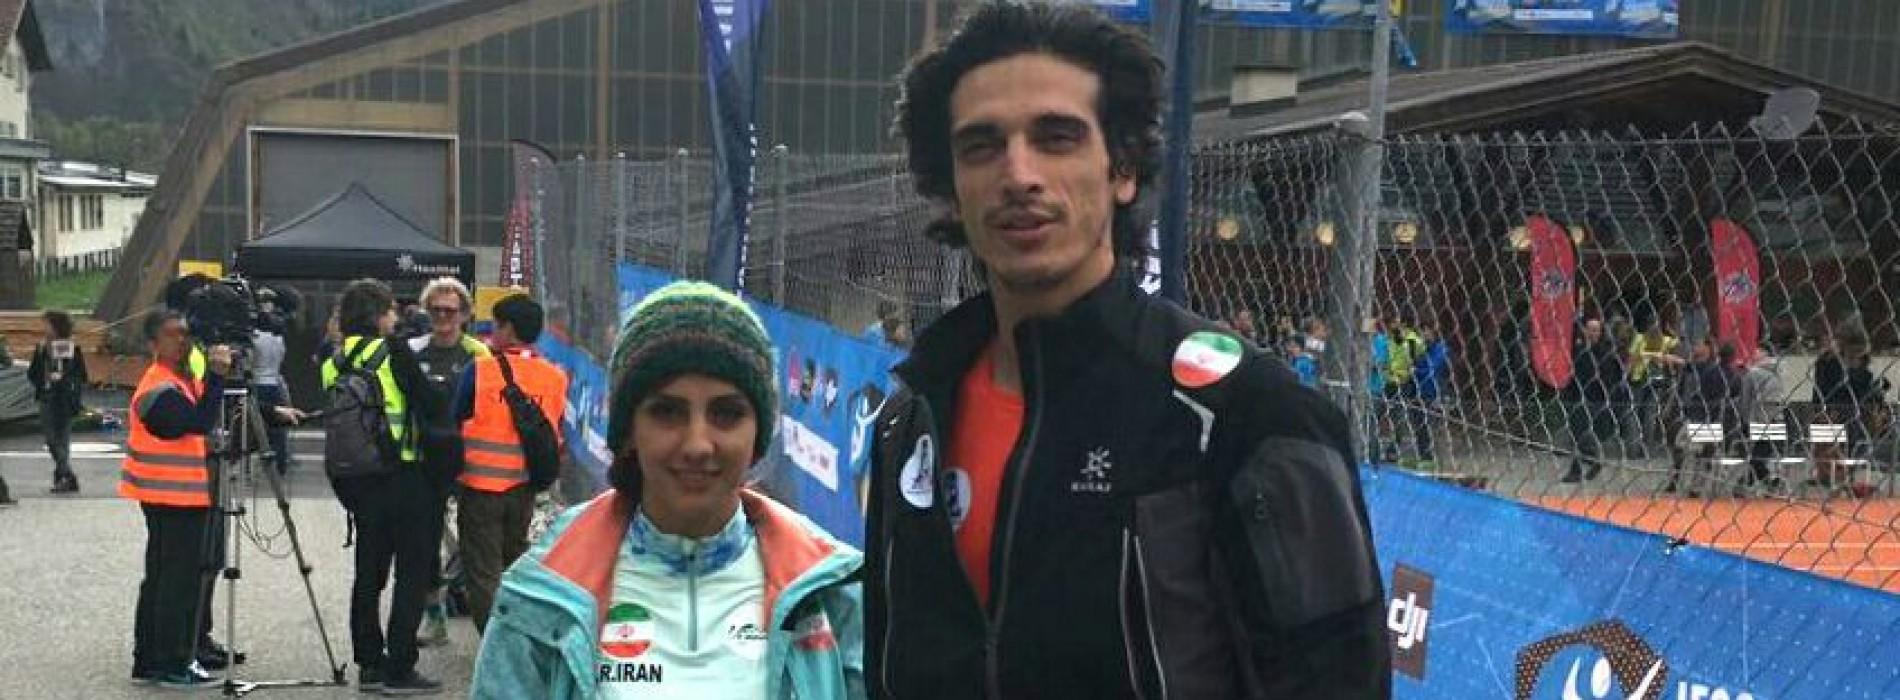 پایان کار سنگنوردان کشورمان در مسابقات جهانی سوئیس